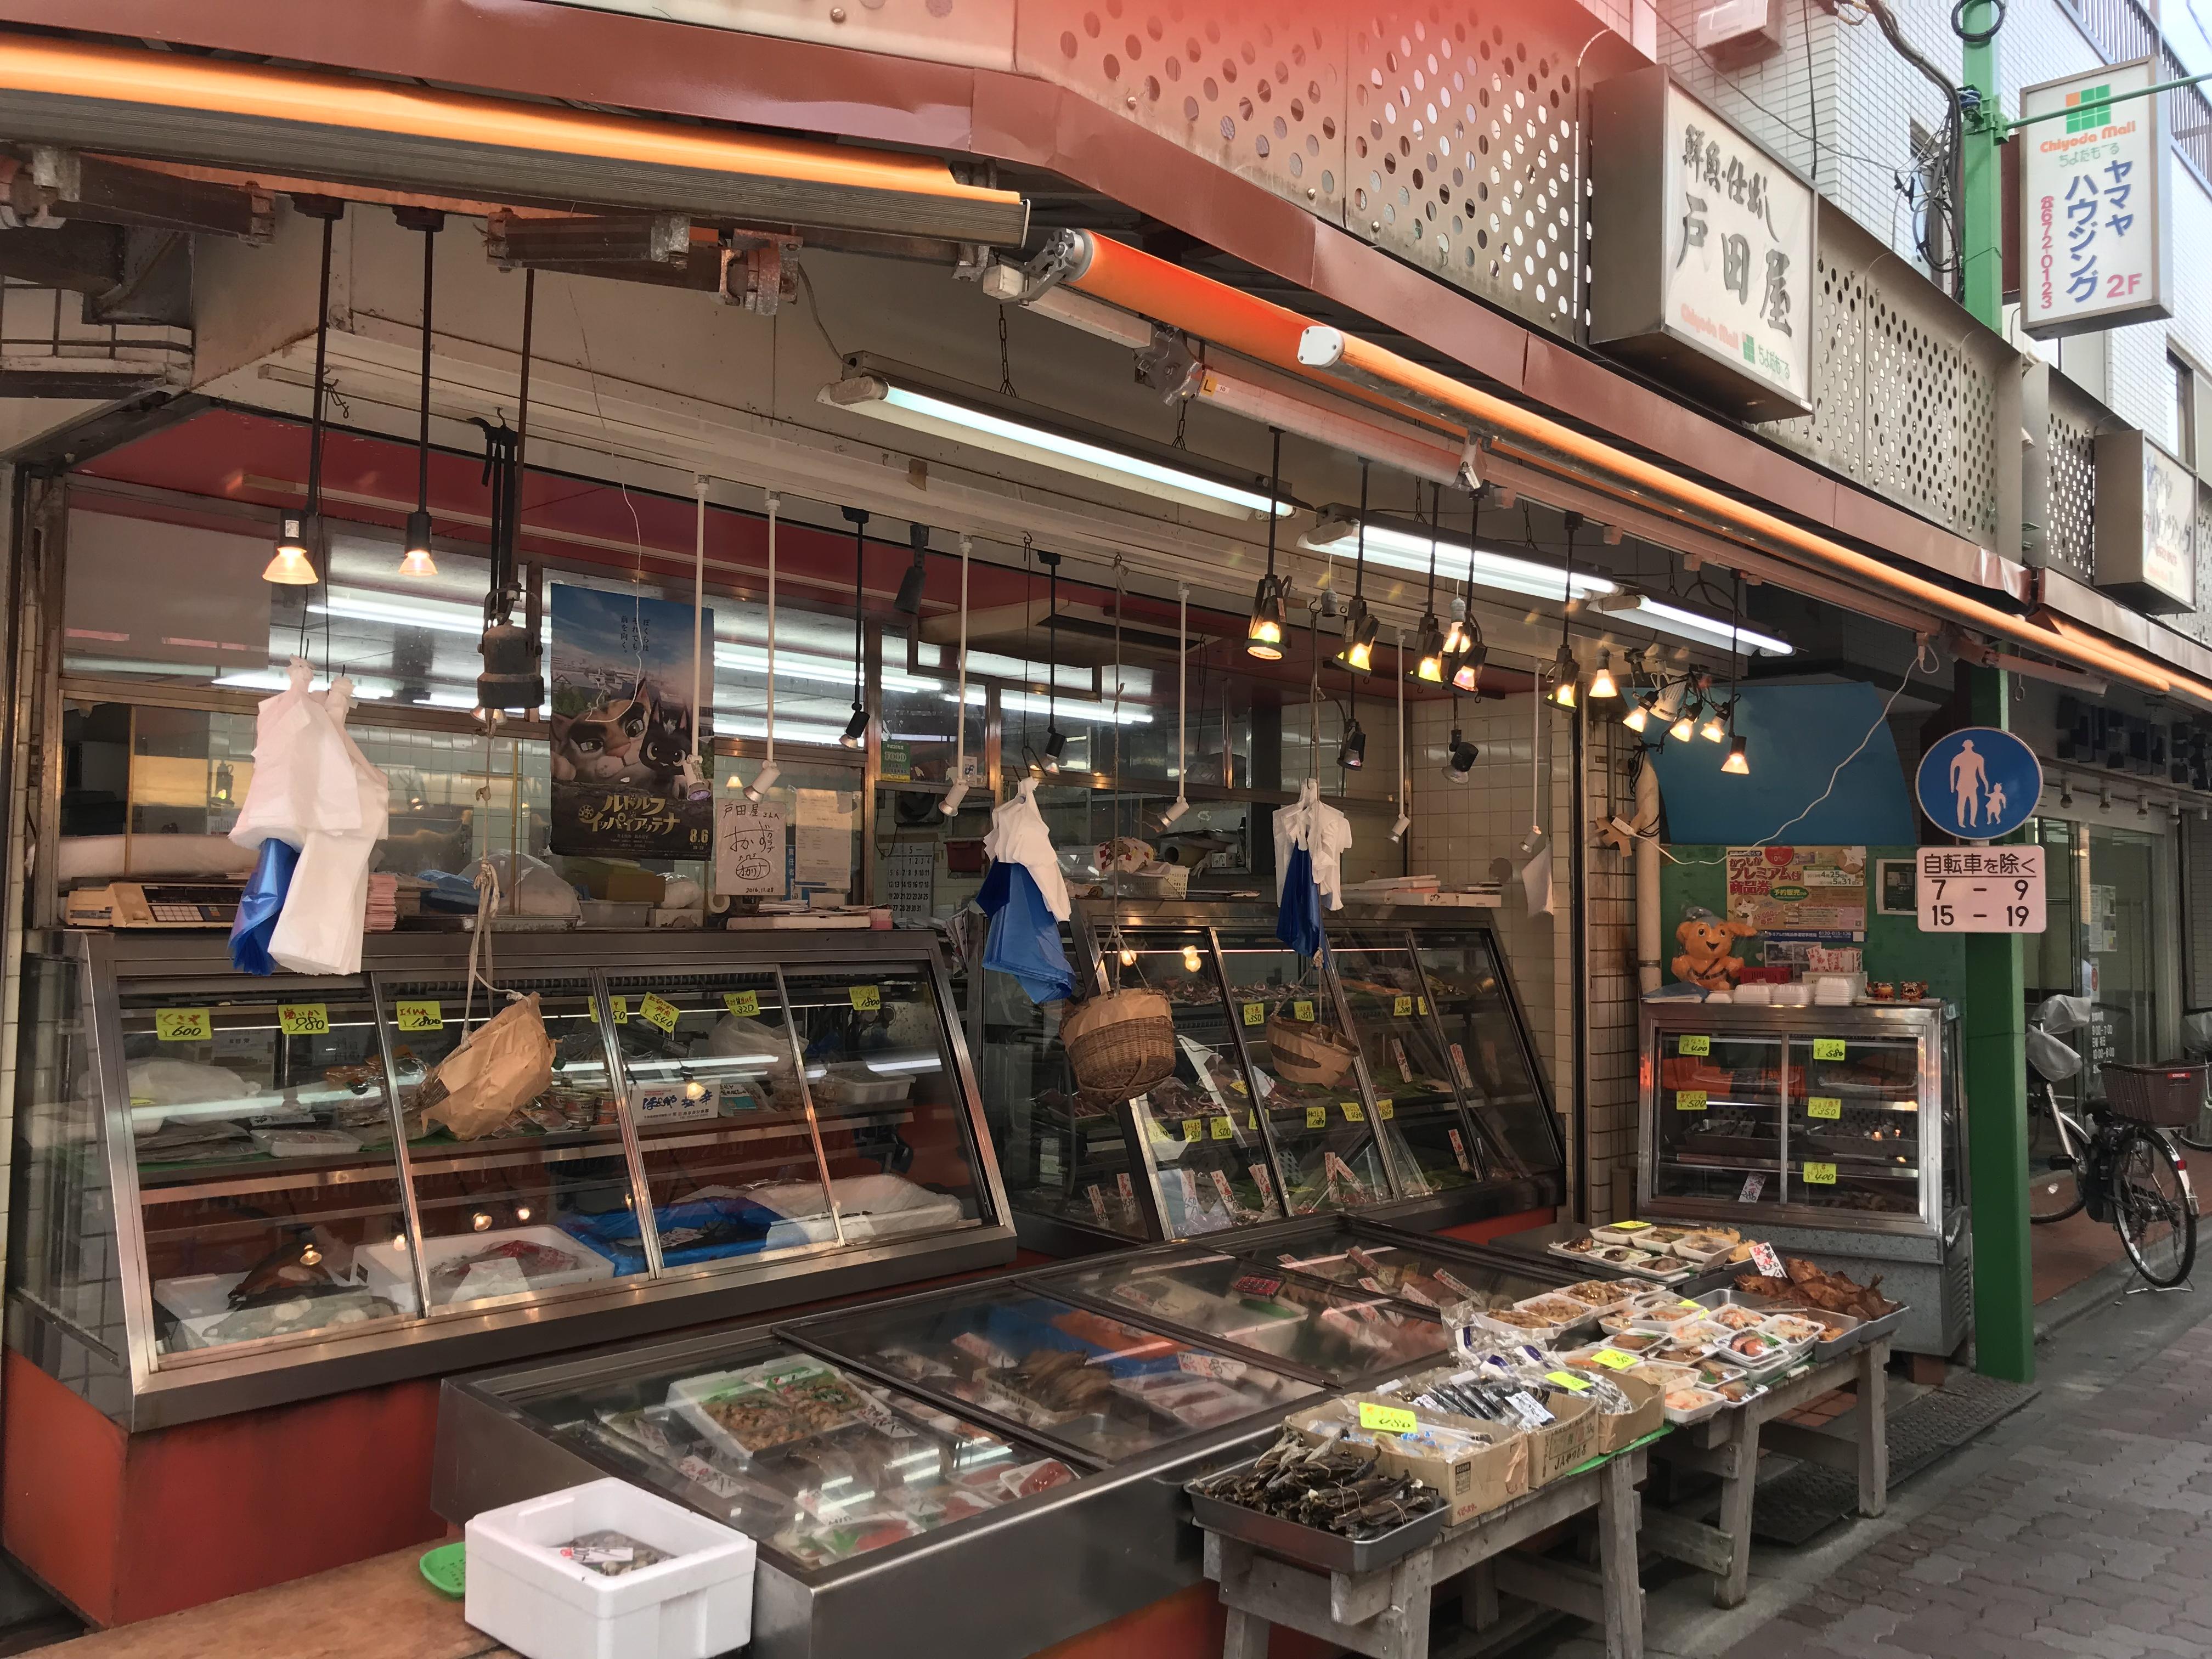 千代田通り商店街 魚屋